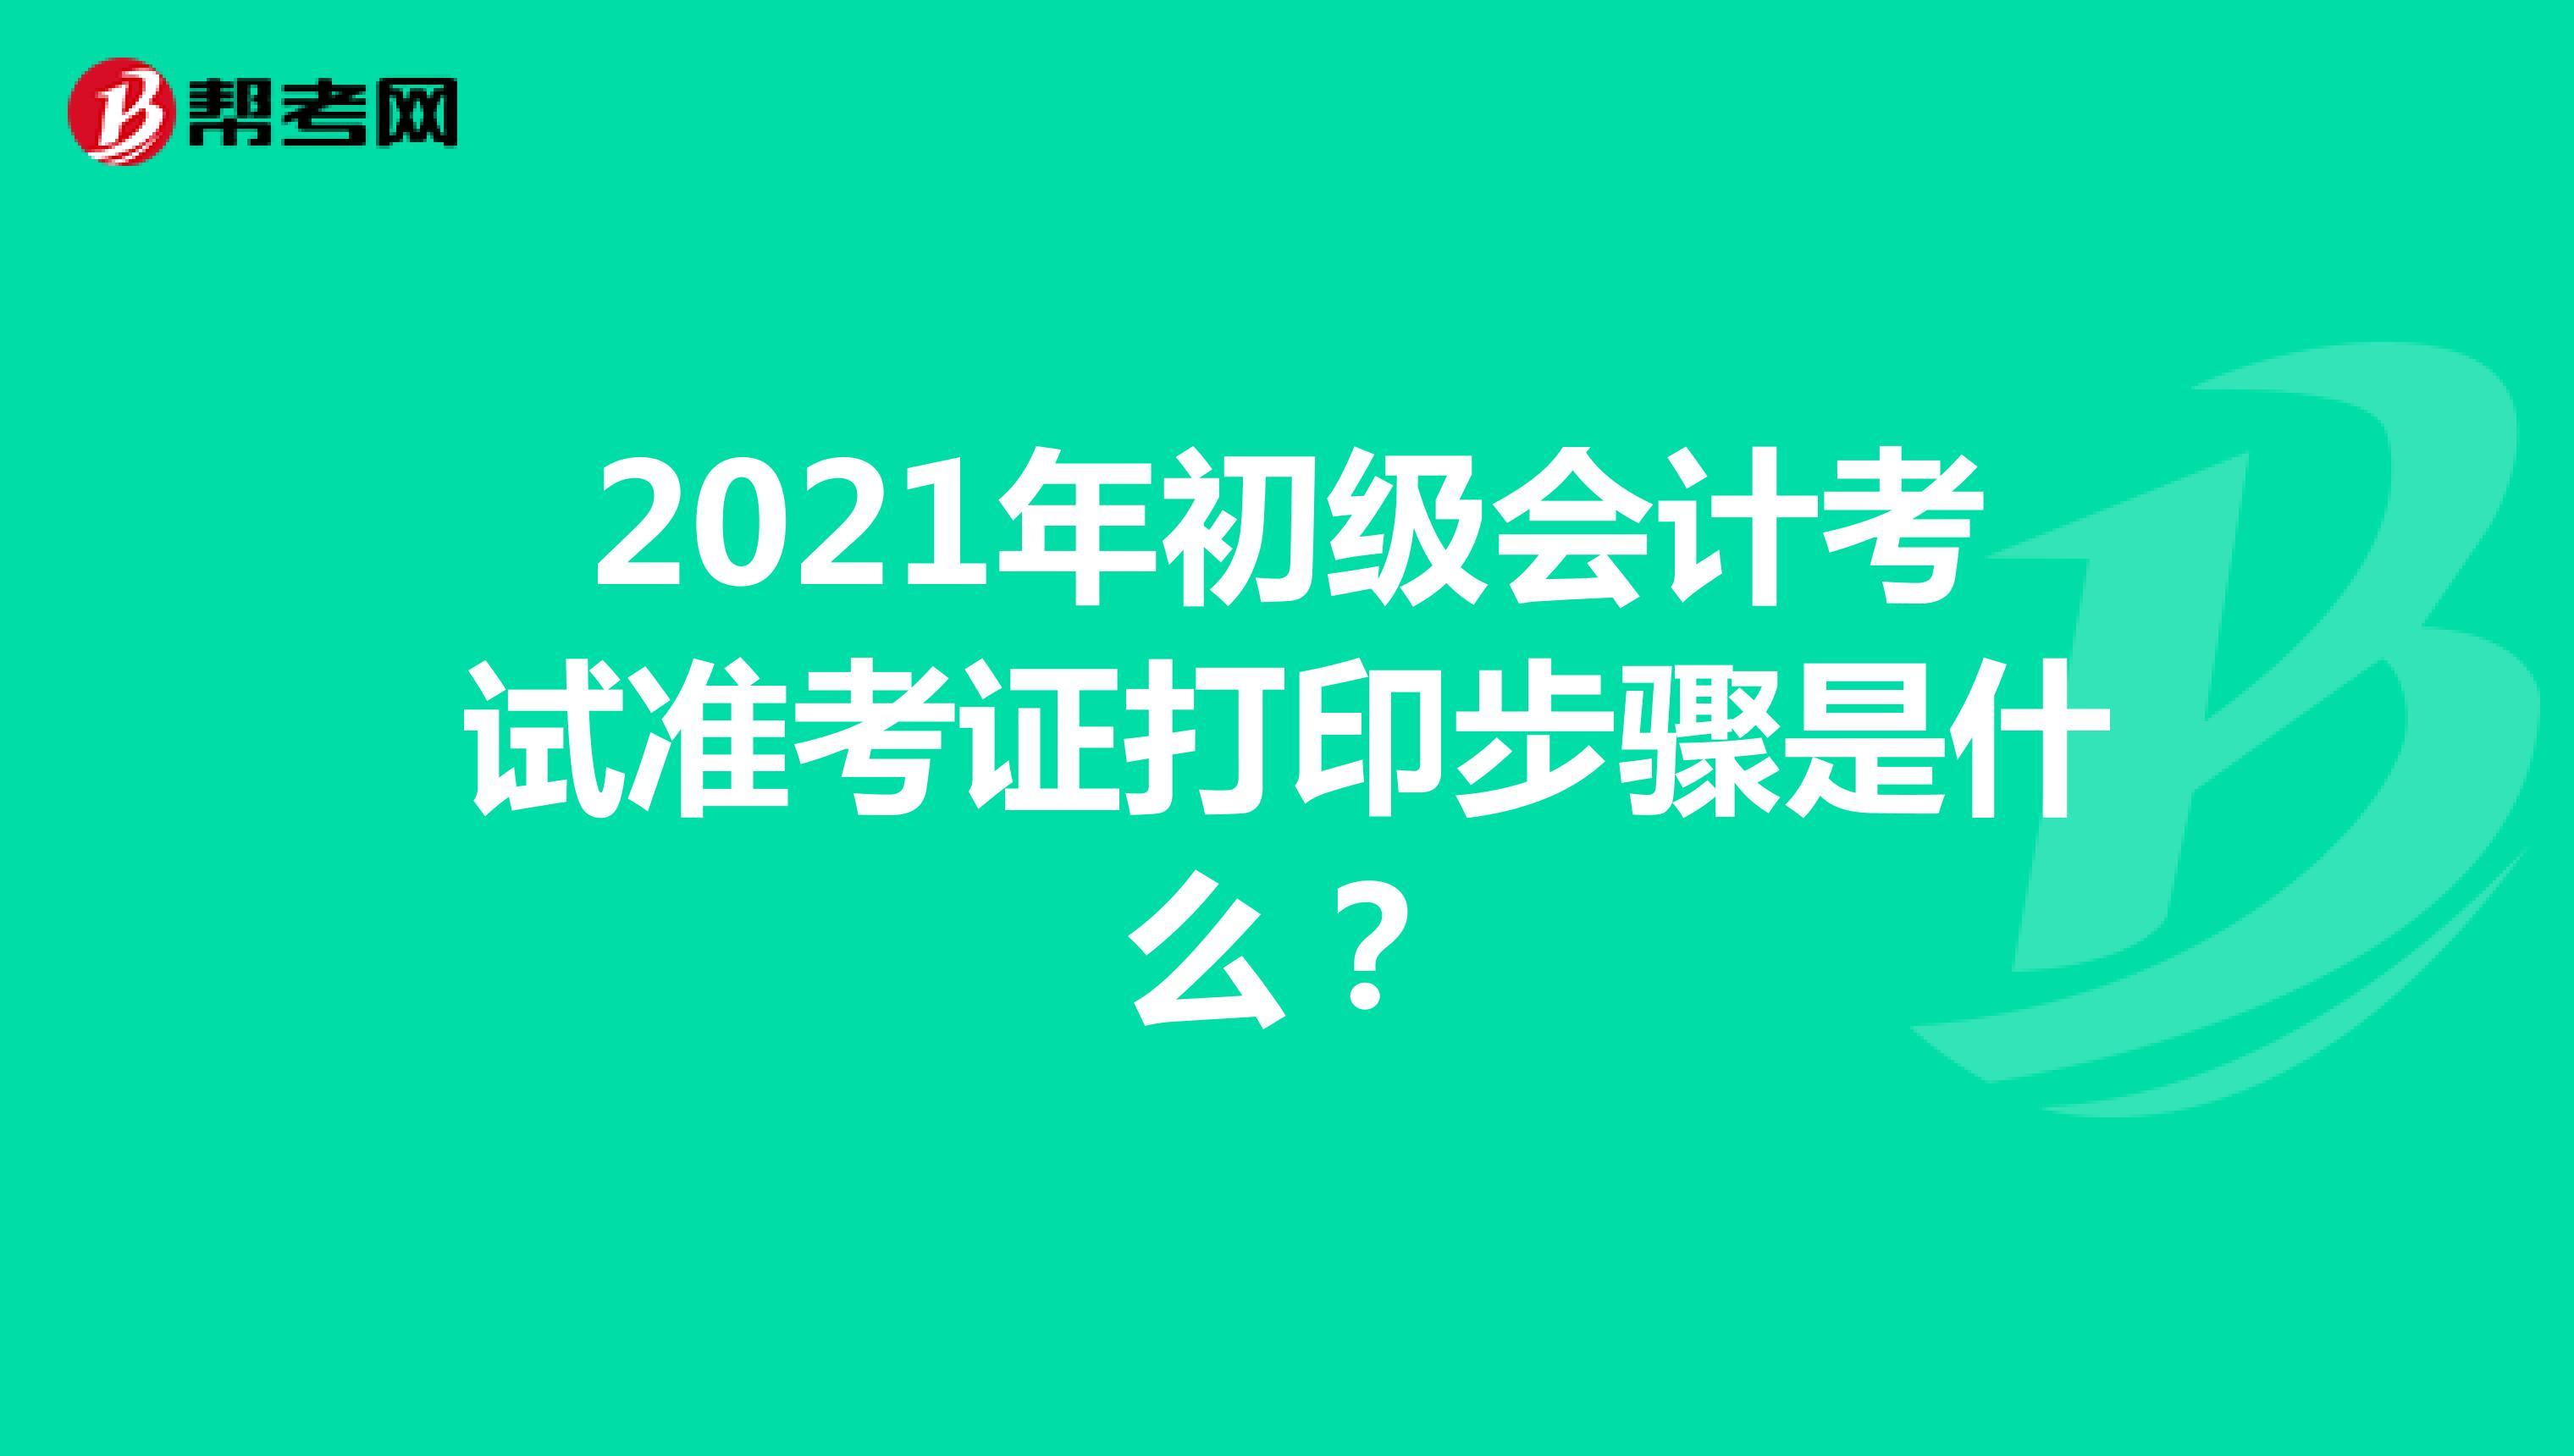 2021年初级会计考试准考证打印步骤是什么?